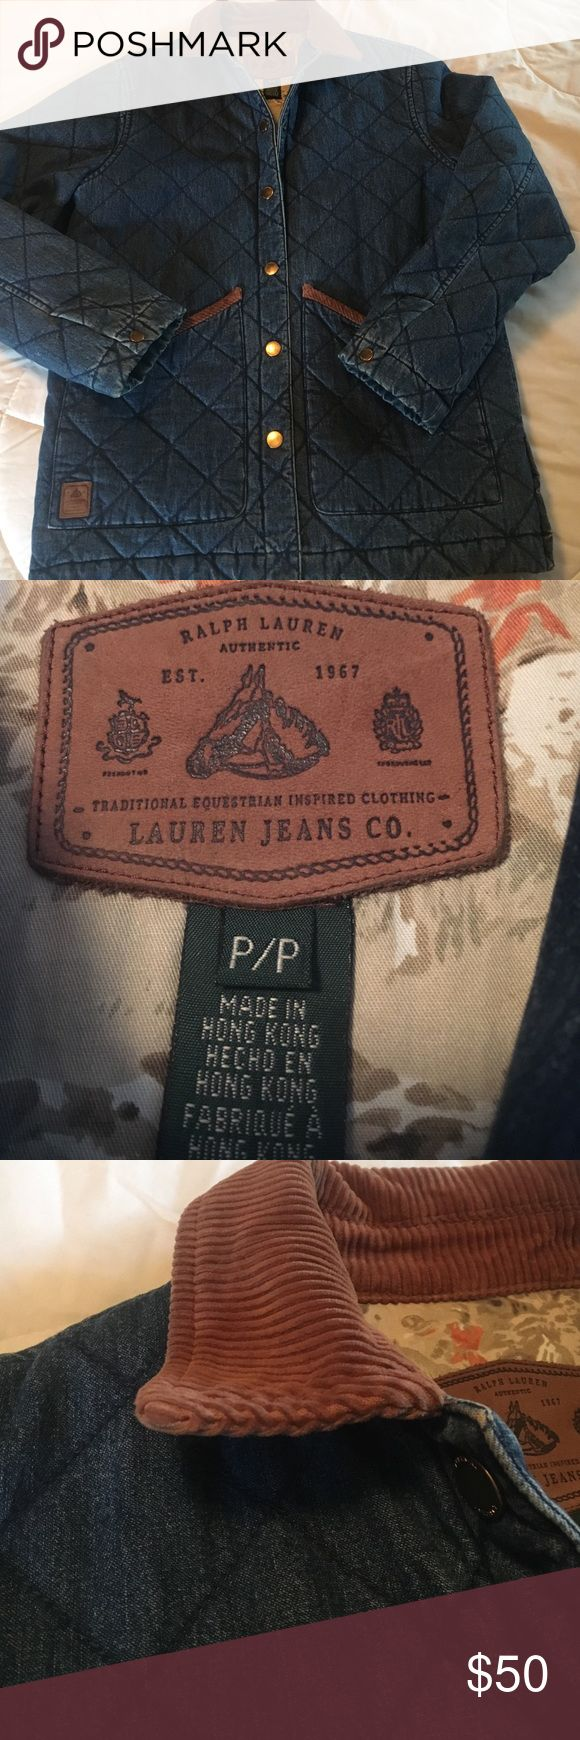 Lauren Jeans Co Equestrian Supply Quilted Jacket Lauren Jeans Co Equestrian Supply Quilted Denim Jacket Ralph Lauren Jackets & Coats